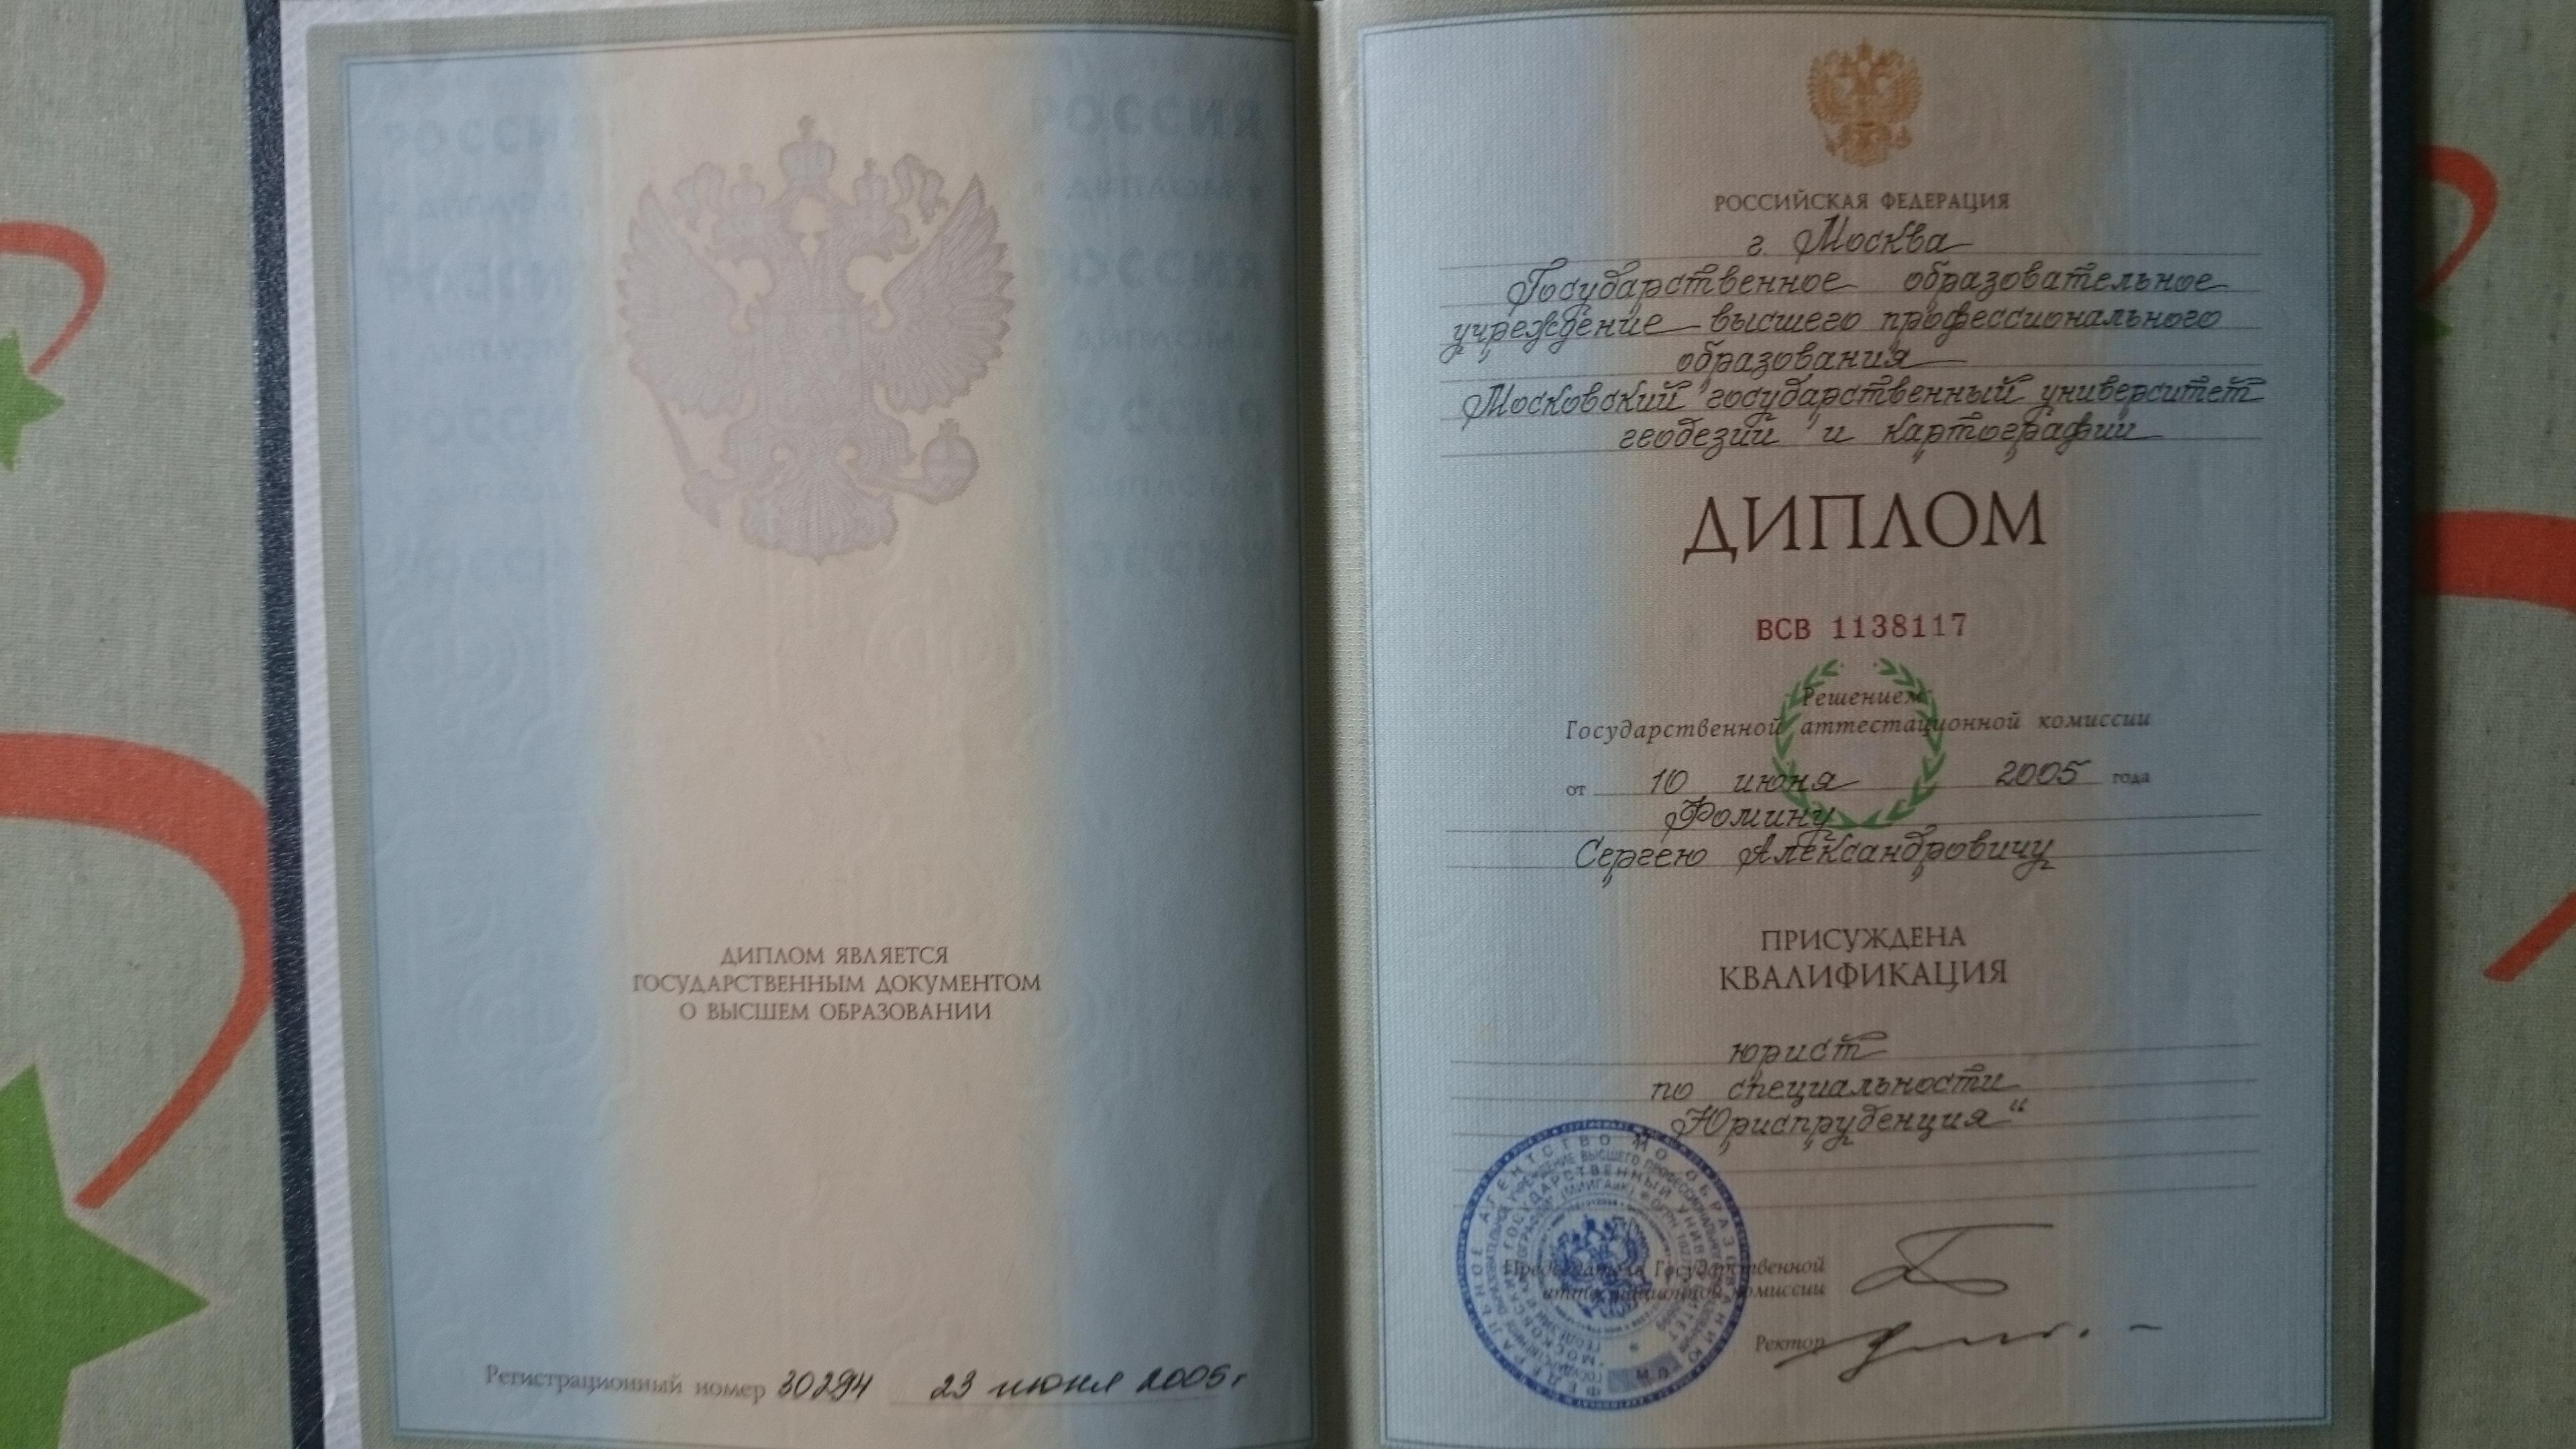 Сколько стоит купить диплом екатеринбурге если до 1992 года никто и не знал купить диплом высшего образования Специалист После распада Советского Союза сфера образования в сколько стоит купить